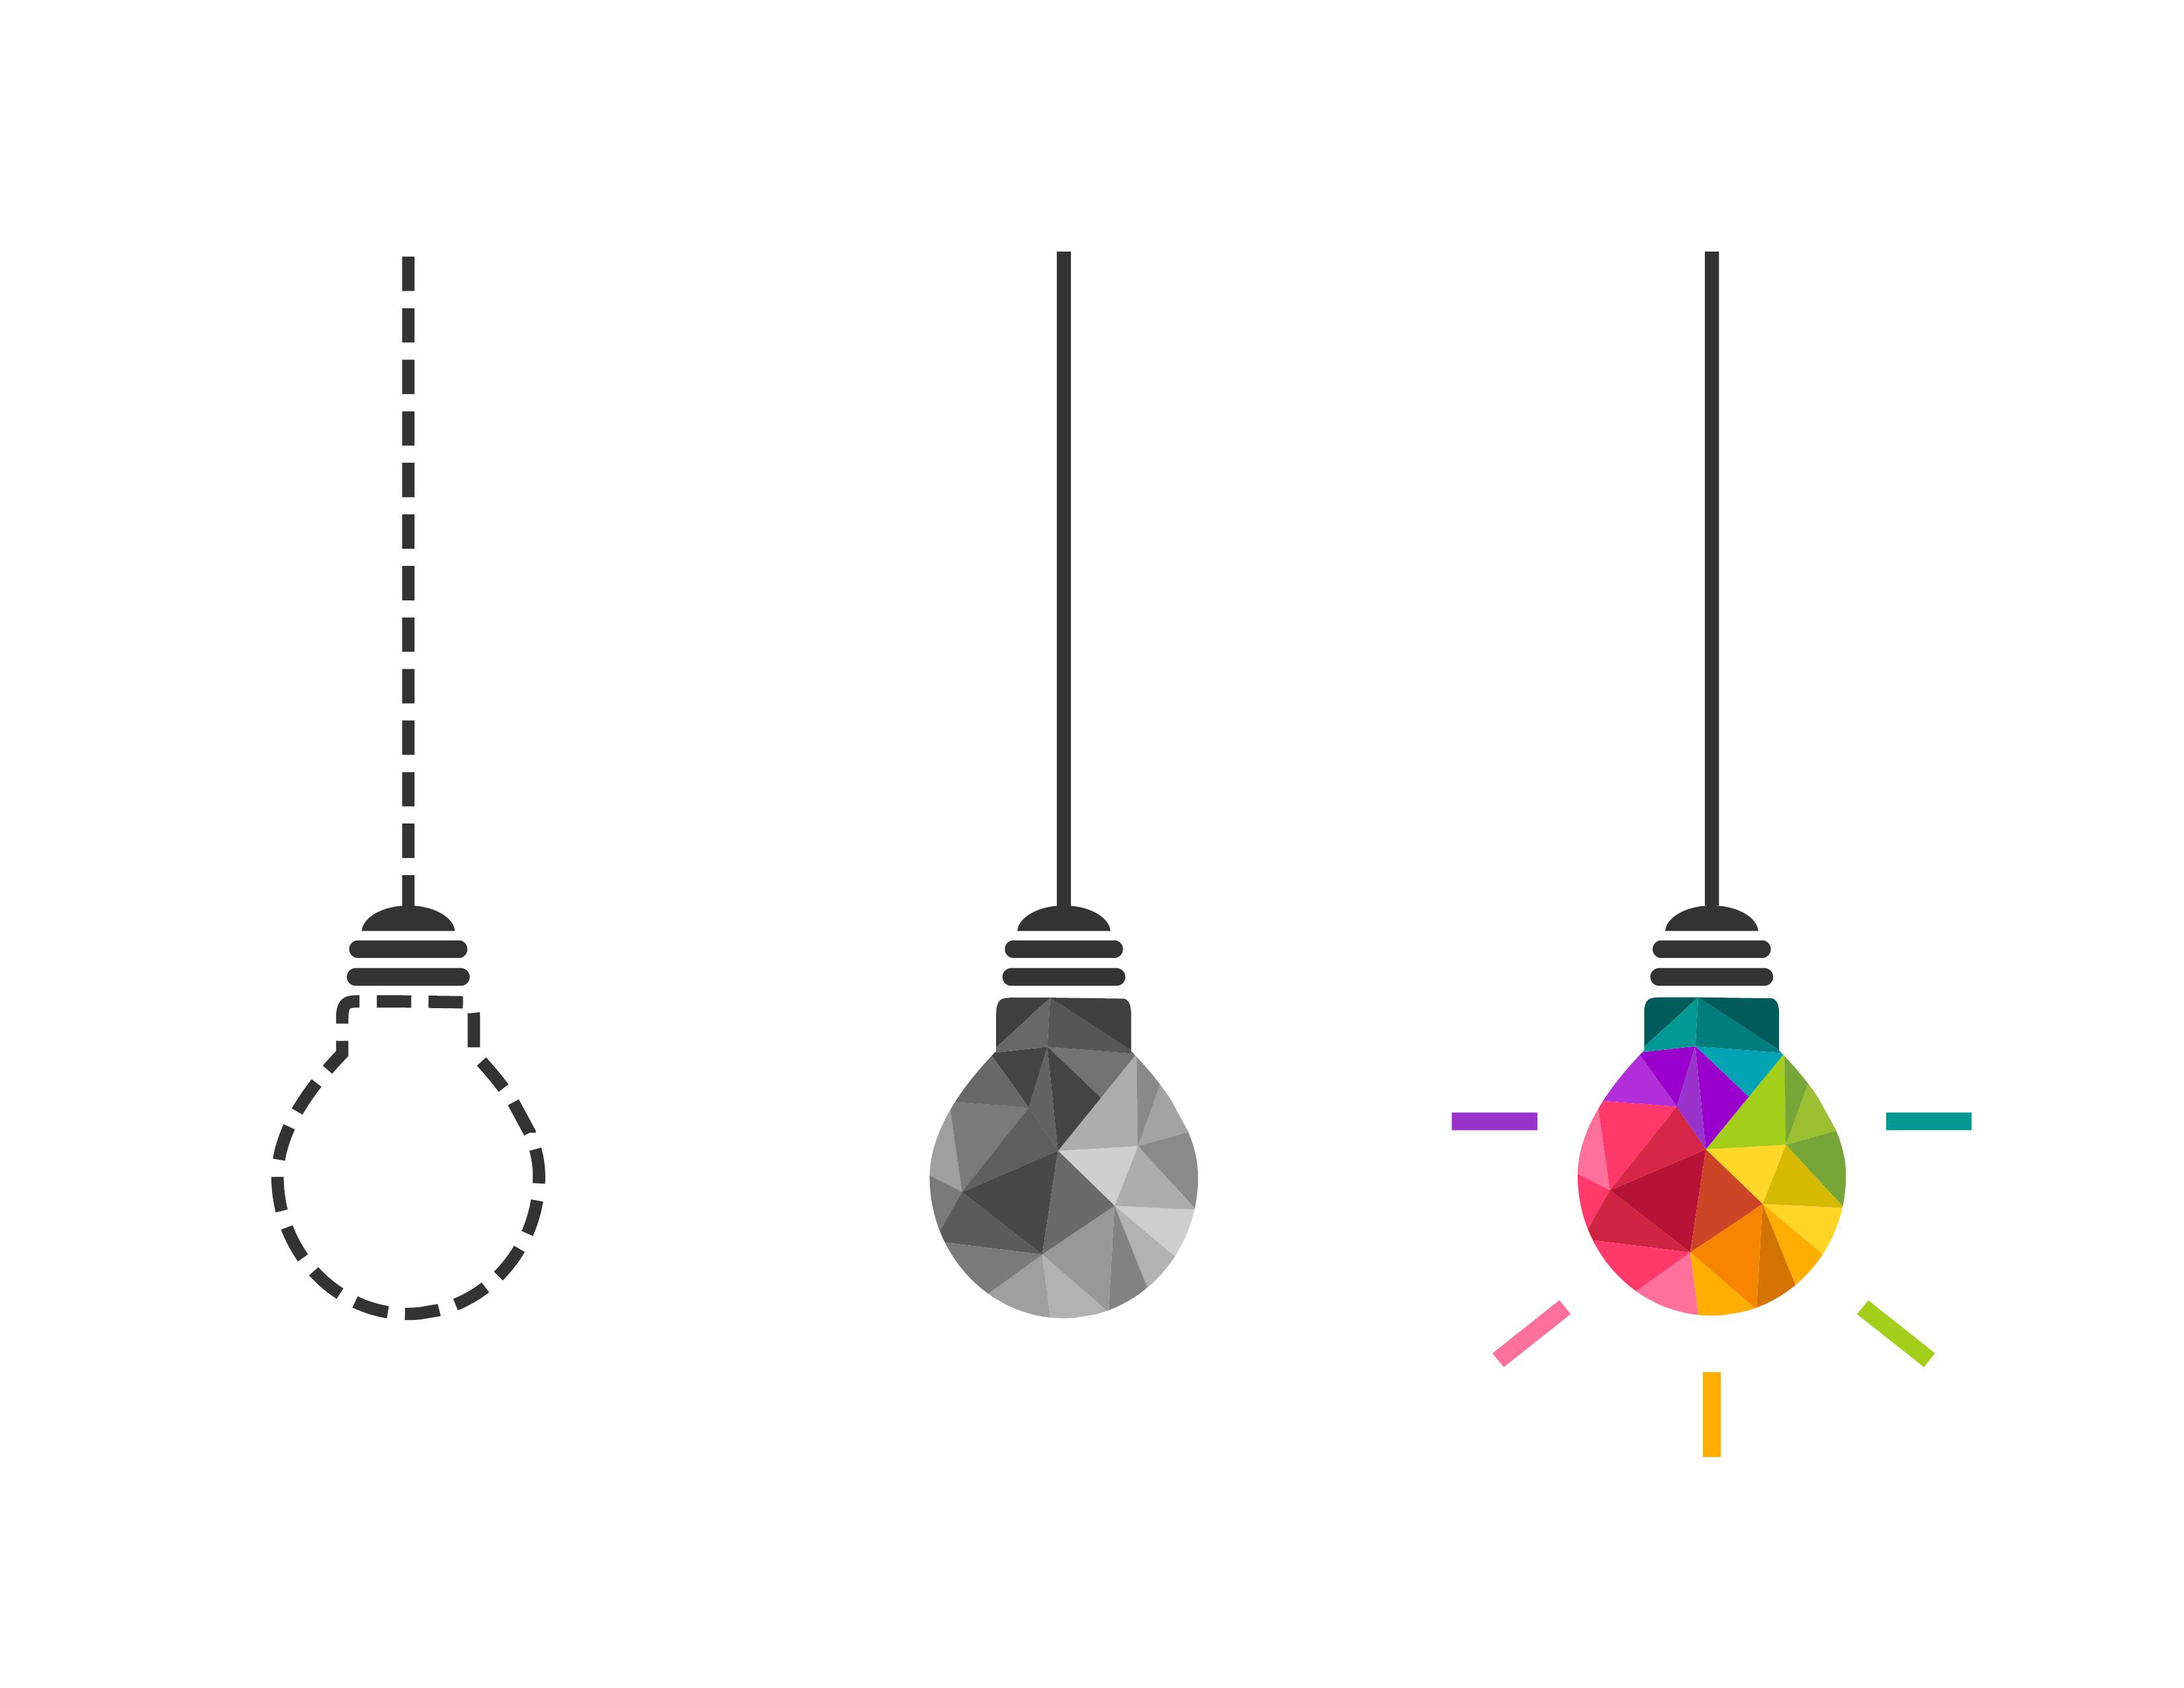 lightbulbs with borde mid